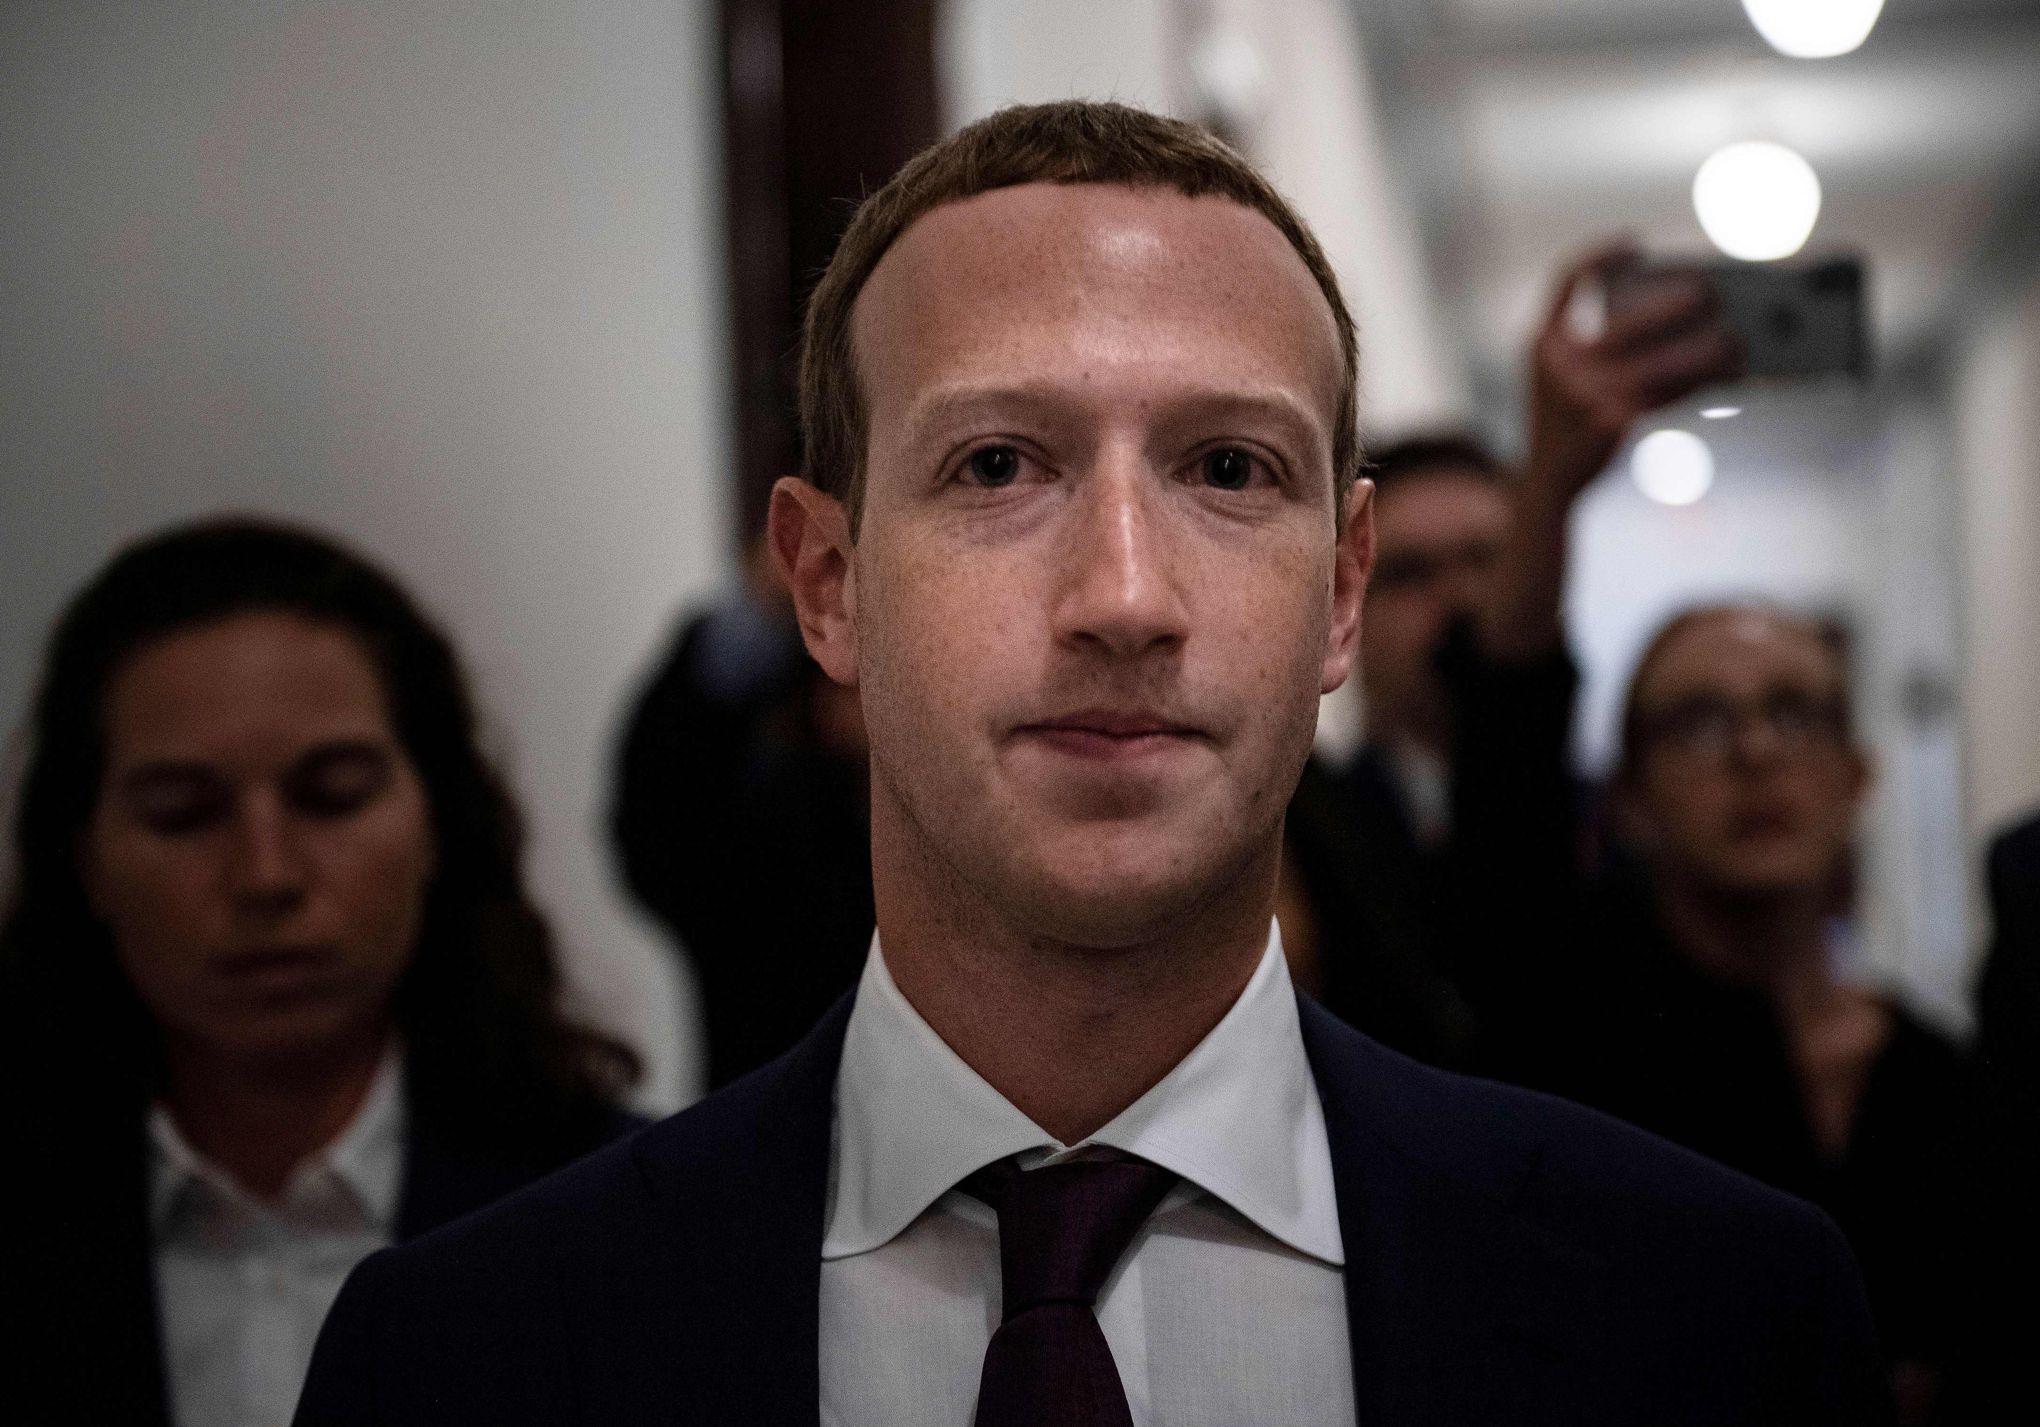 En visite à la Maison Blanche, Mark Zuckerberg refuse de se séparer d'Instagram et de WhatsApp